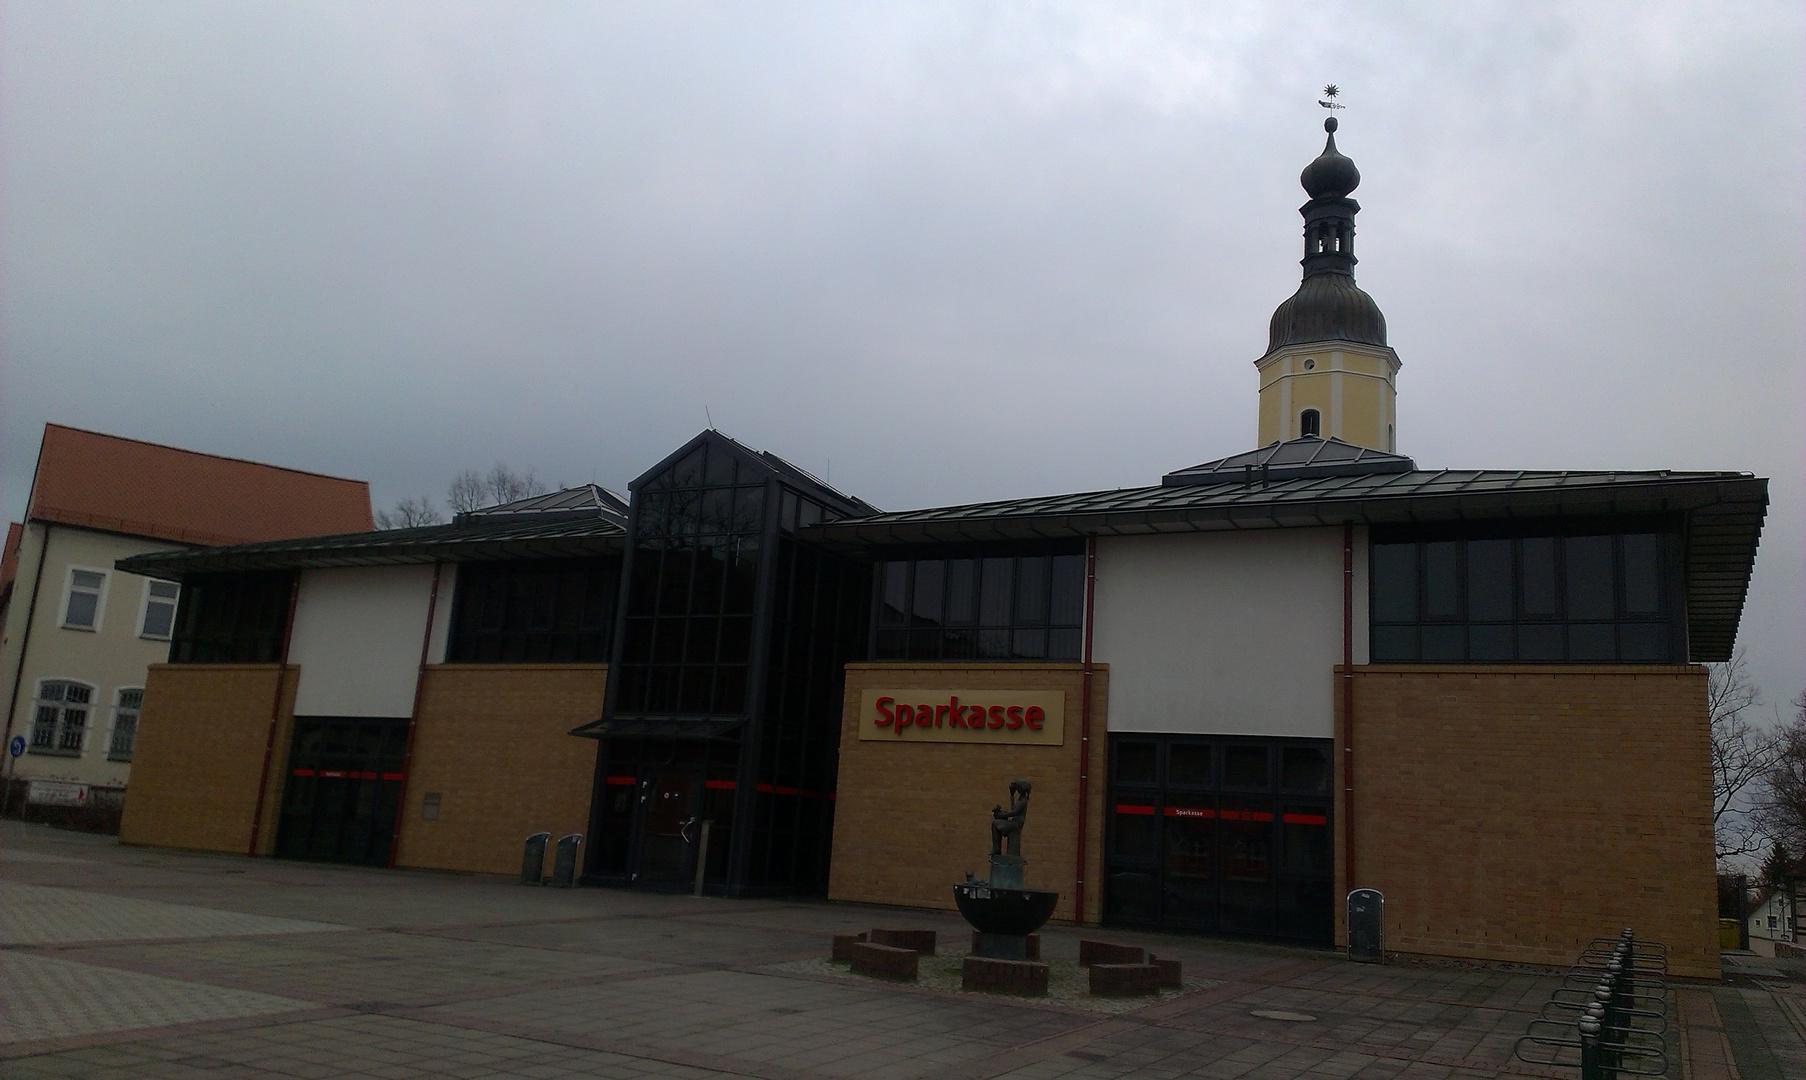 Blick auf die Sparkassen-Filiale in Lauchhammer-Mitte